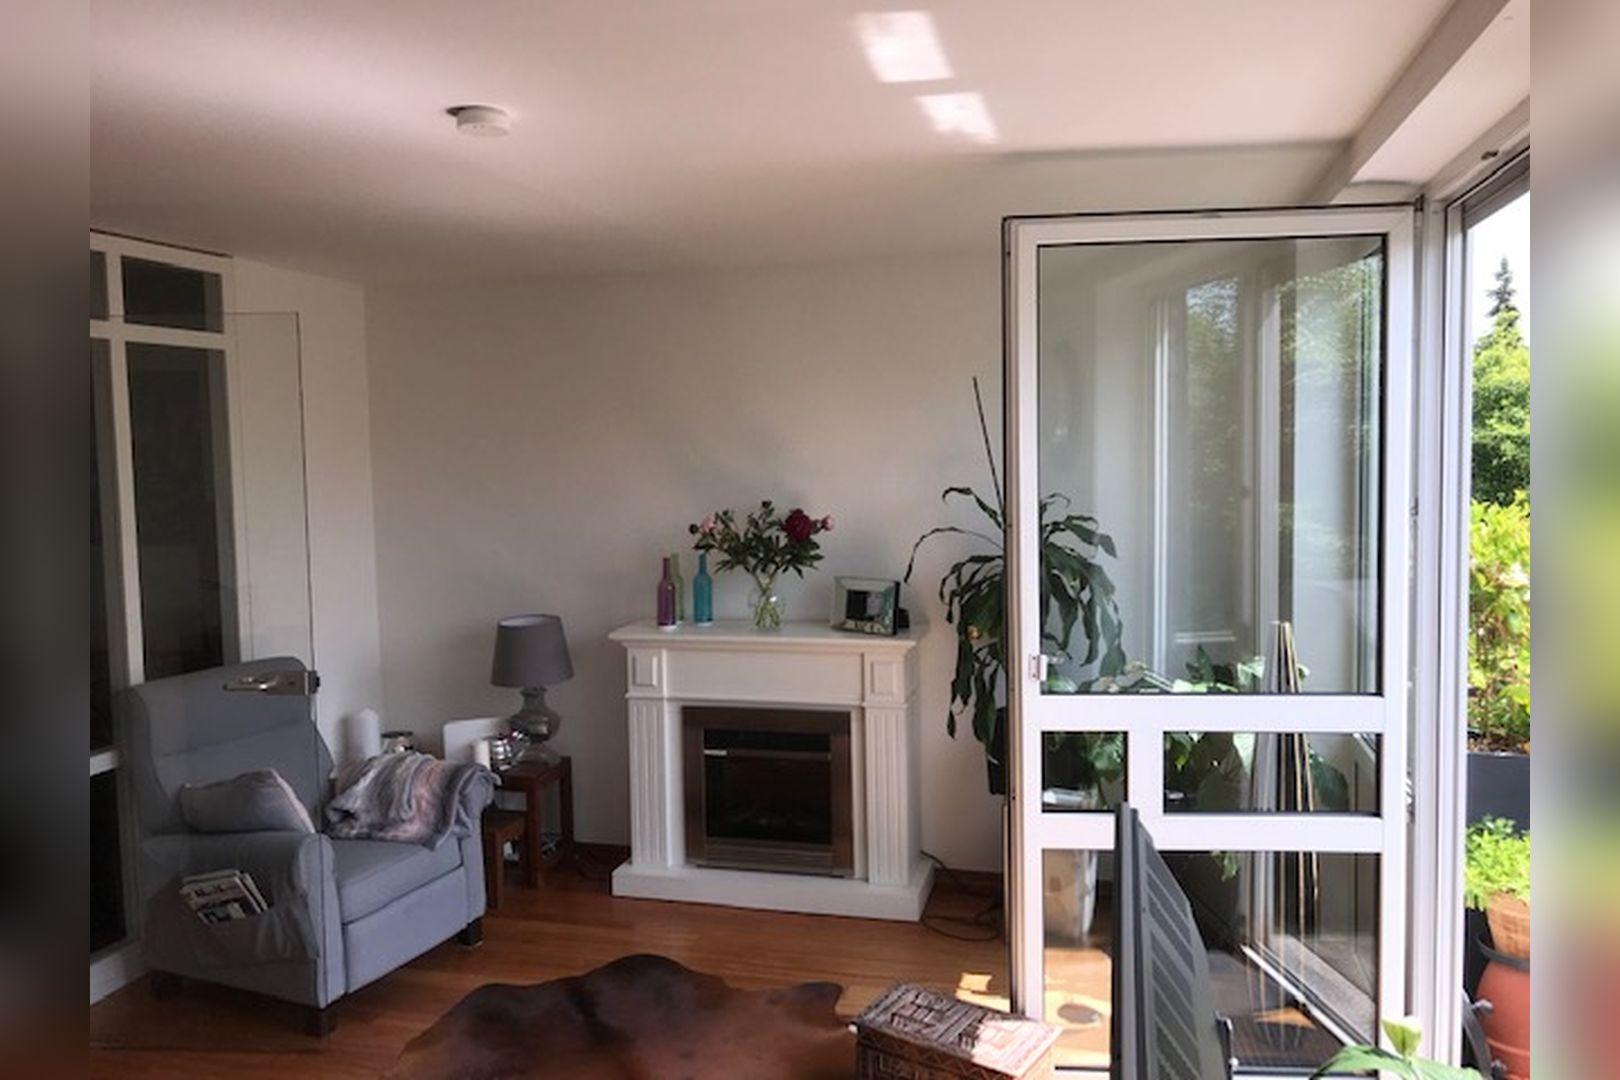 Immobilie Nr.0264 - großzügige Vier-Raum-Wohnung mit Riesenkellerraum für Hobby etc. - Bild 7.jpg